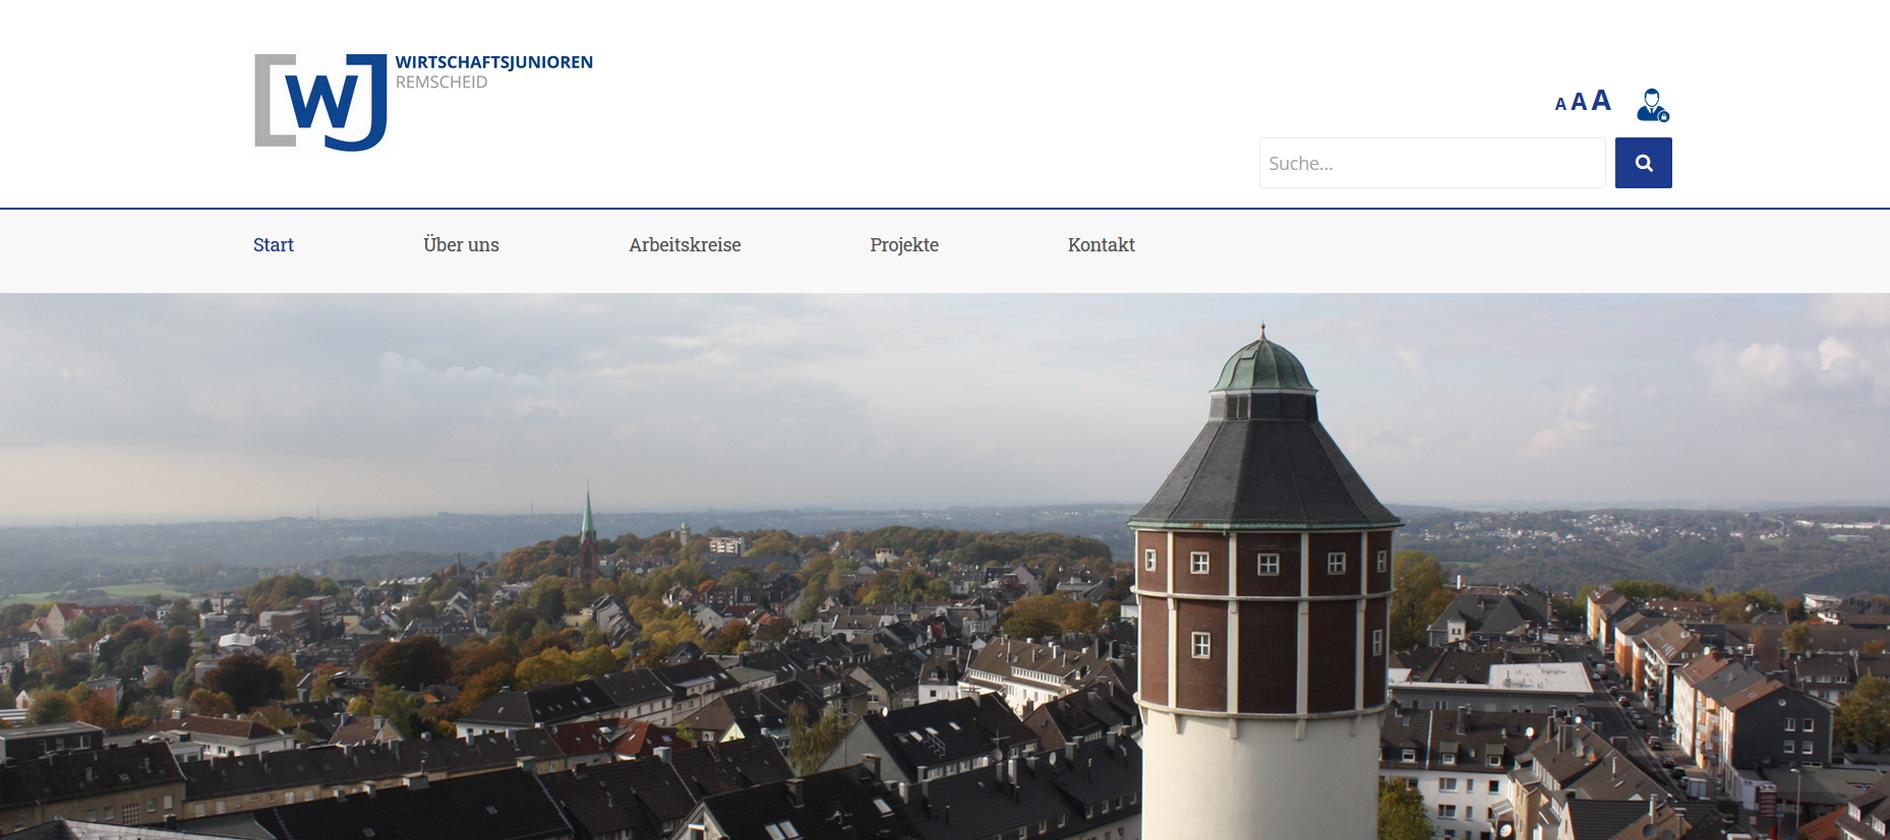 websitepflege_wirtschaftsjunioren